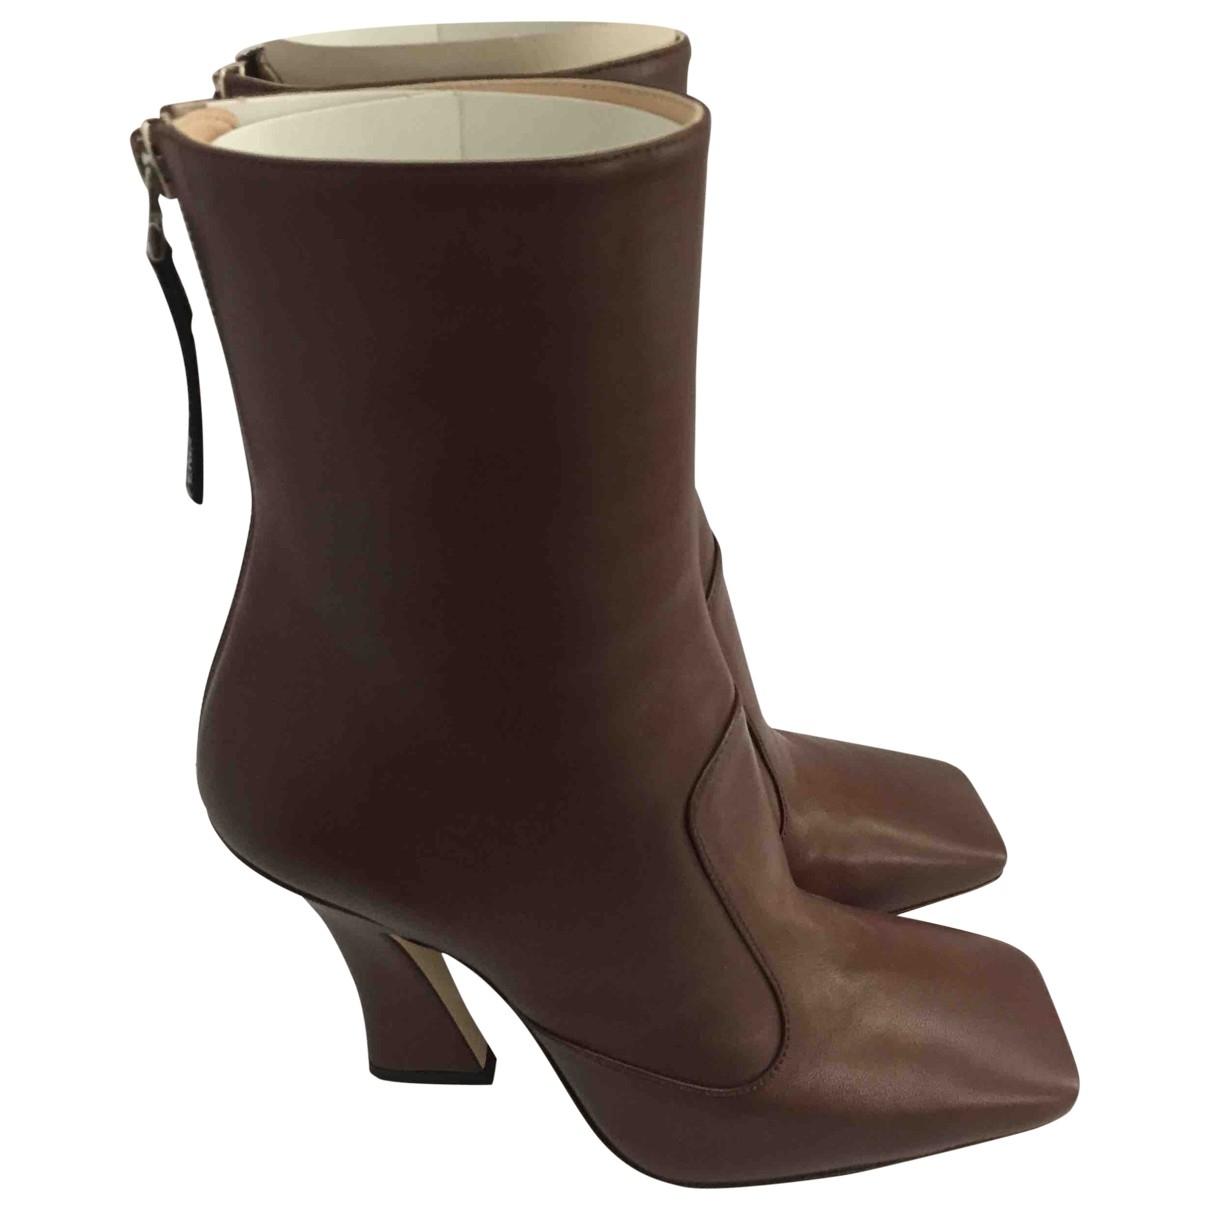 Fendi - Boots   pour femme en cuir - camel